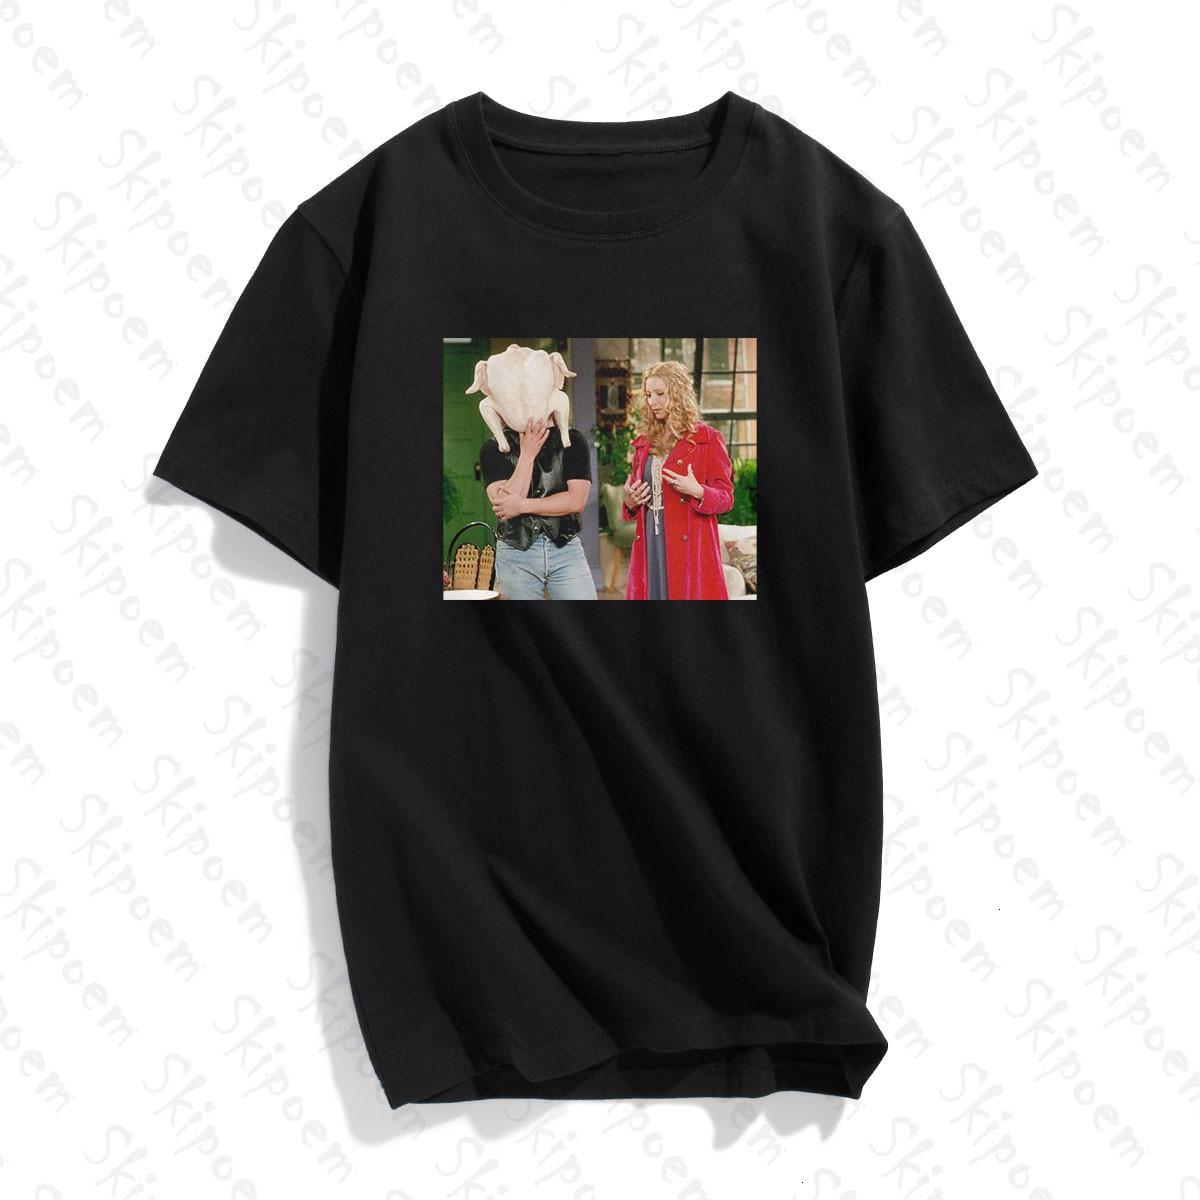 2020 Best Ideas Women Tshirt